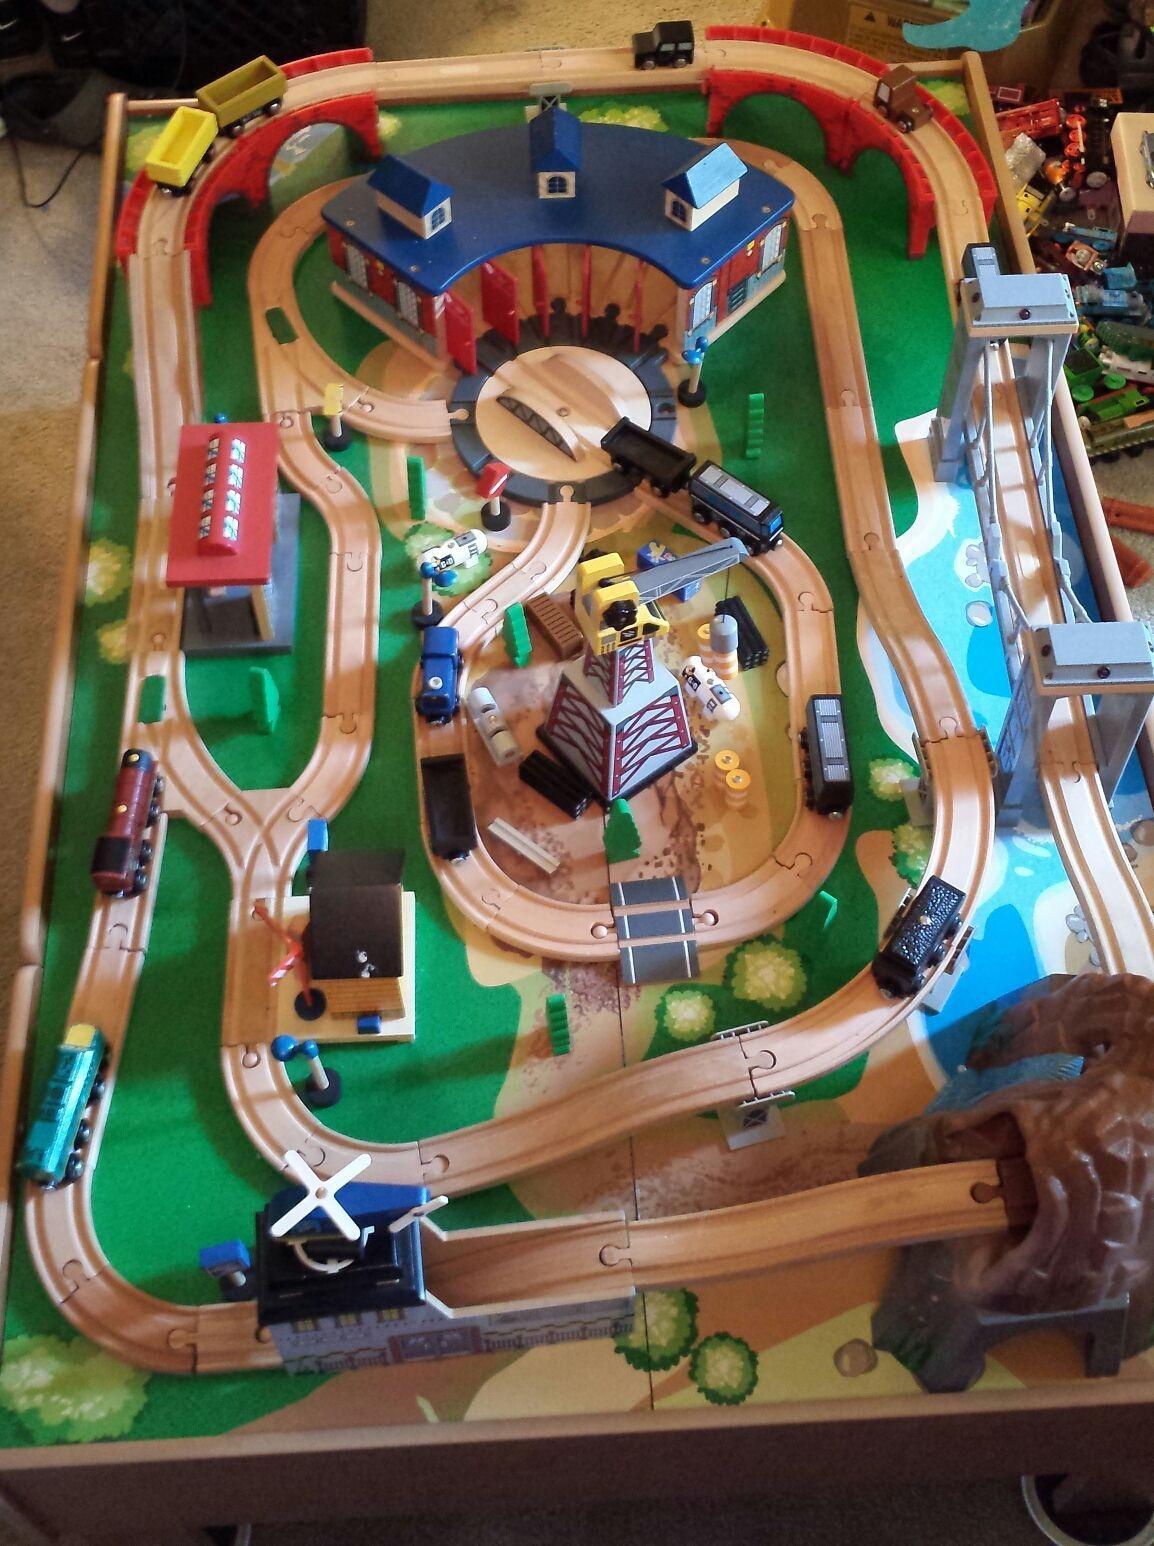 Imaginarium train table set up & 85d4df2c0770901e09d3dab32214539a.jpg 1154×1546 pixels | Kiddos ...